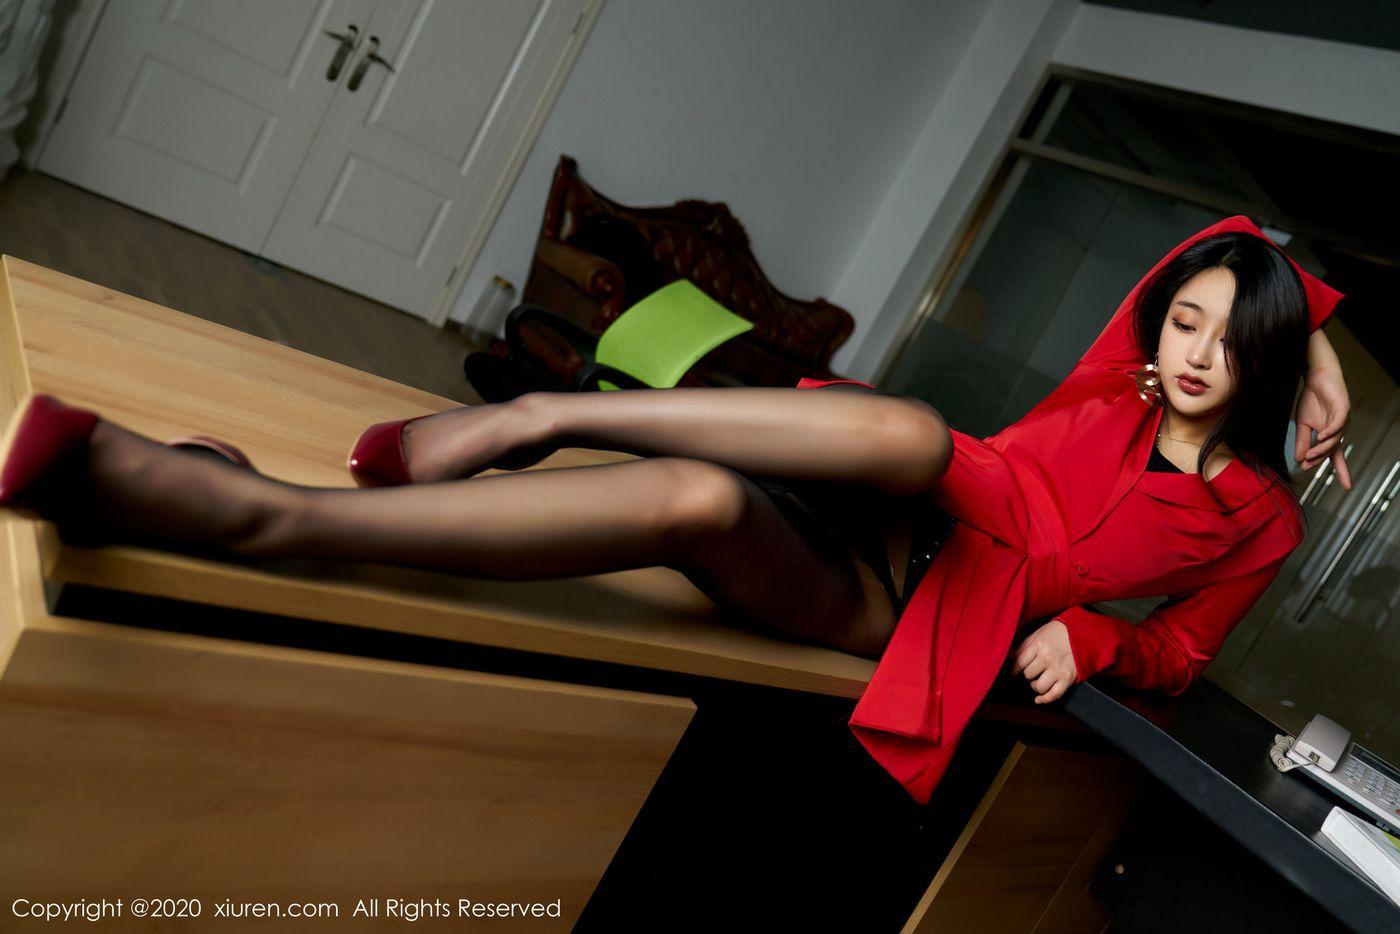 旗袍美女黑丝美腿女仆装大尺度翘臀美女模特花の颜-[芝芝Booty]超高清写真图片 1620221856更新